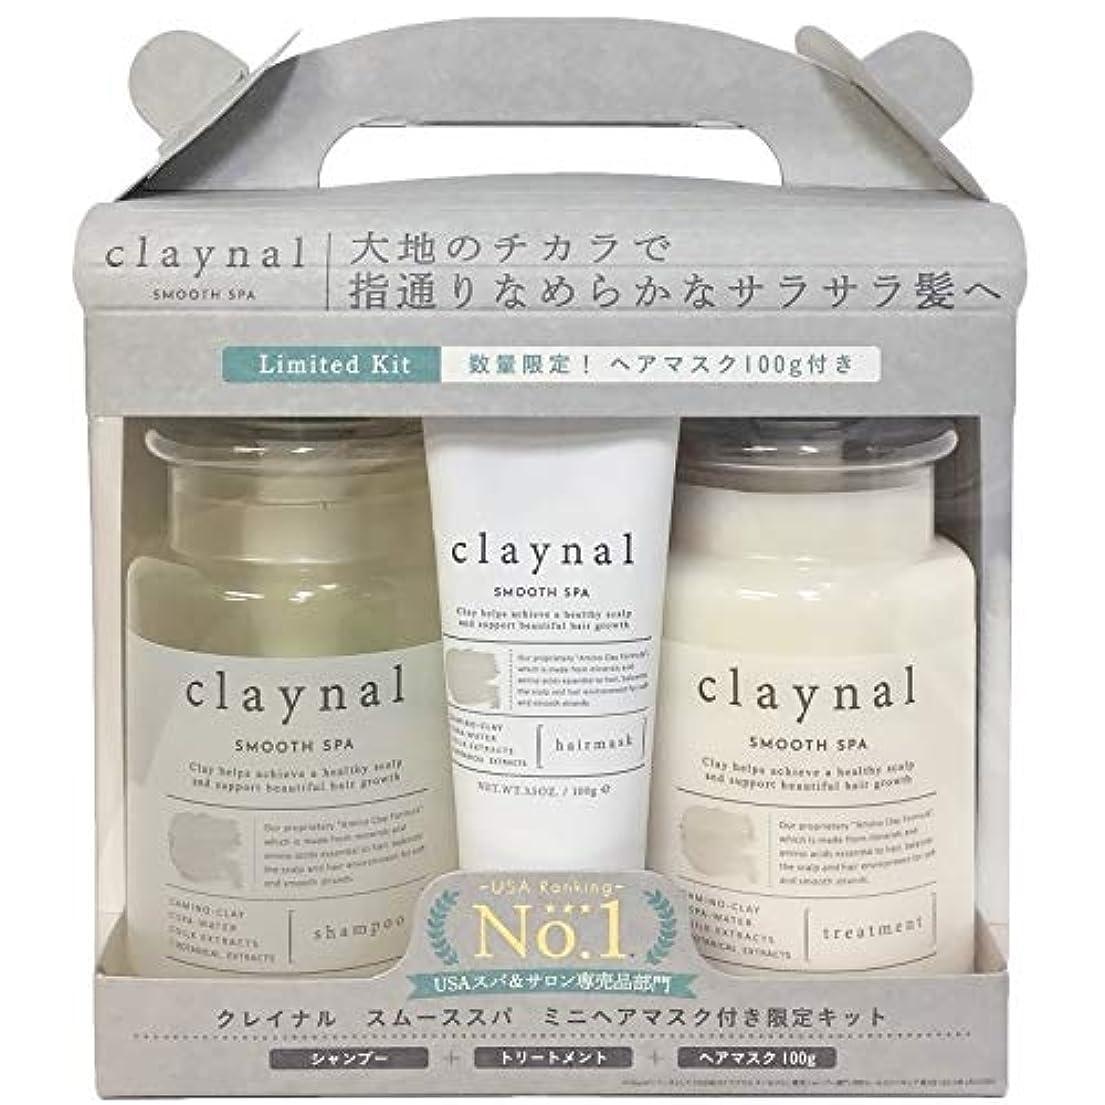 熟す励起ブランドclaynal(クレイナル) クレイナル スムーススパミニヘアマスク付き限定セット 450mL/450mL/100g シャンプー 450ml+450ml+100g